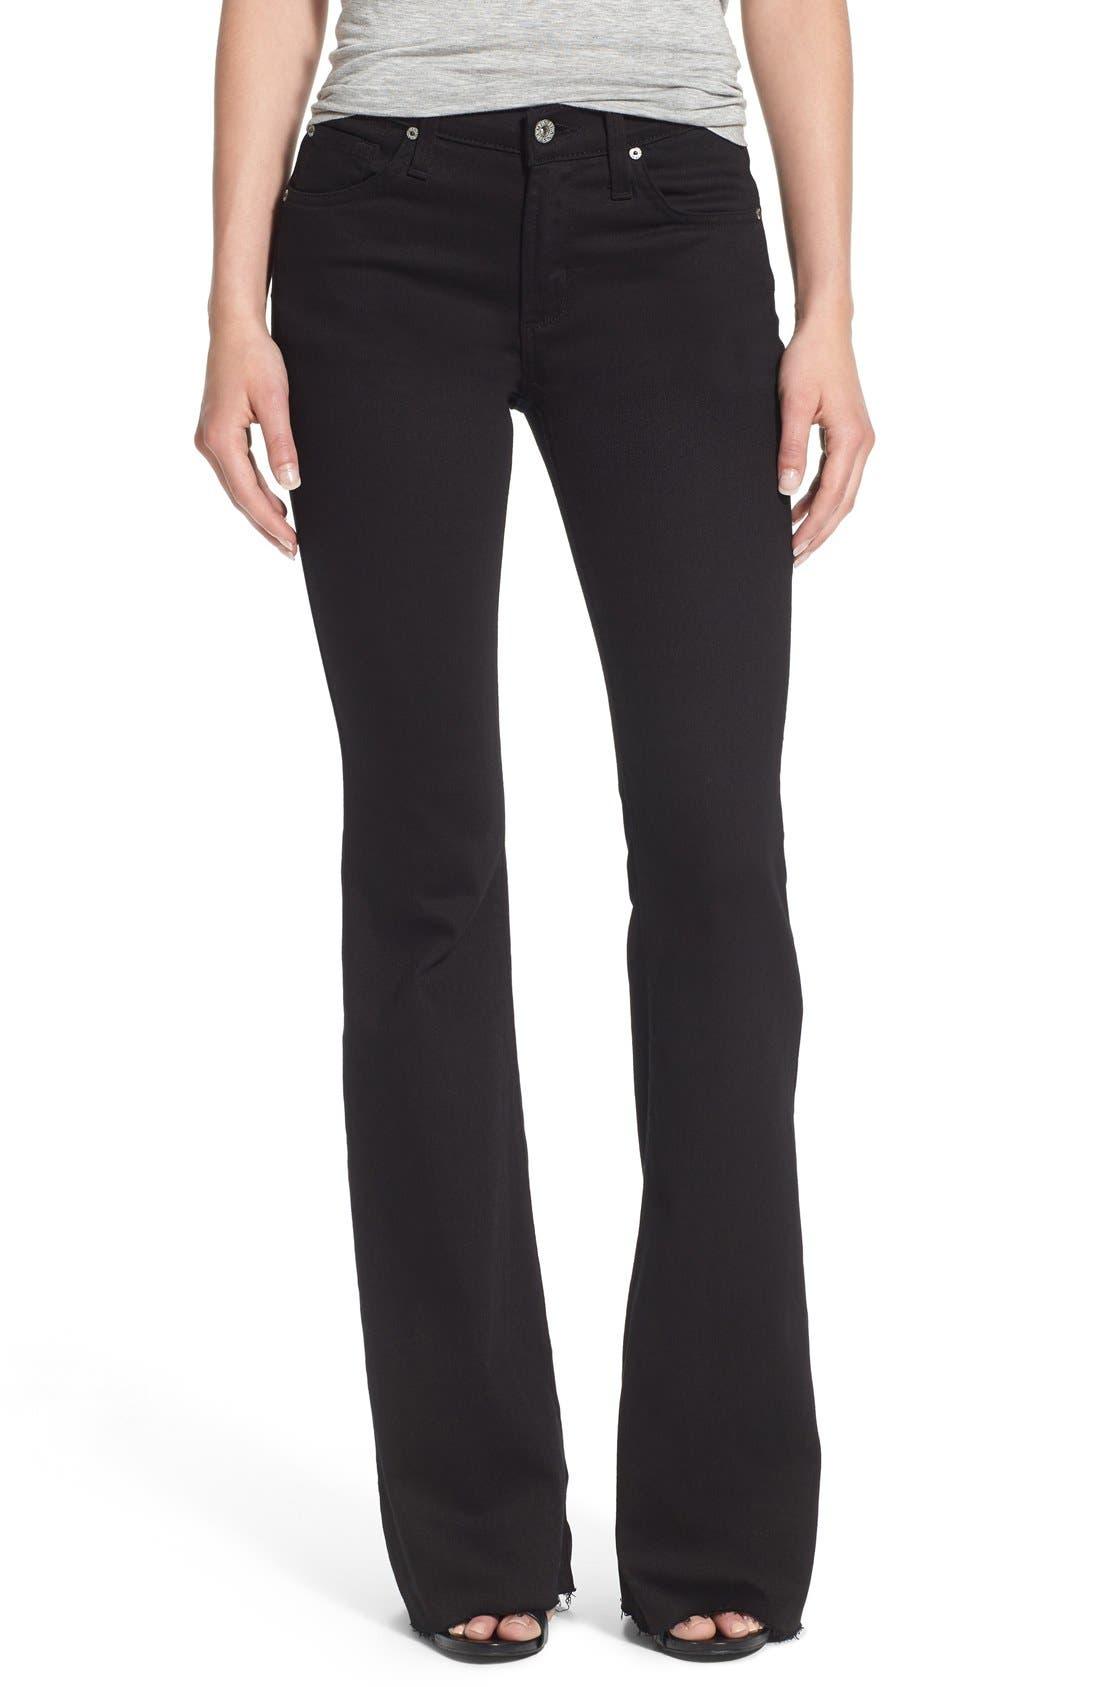 Alternate Image 1 Selected - James Jeans Frayed Hem Flare Jeans